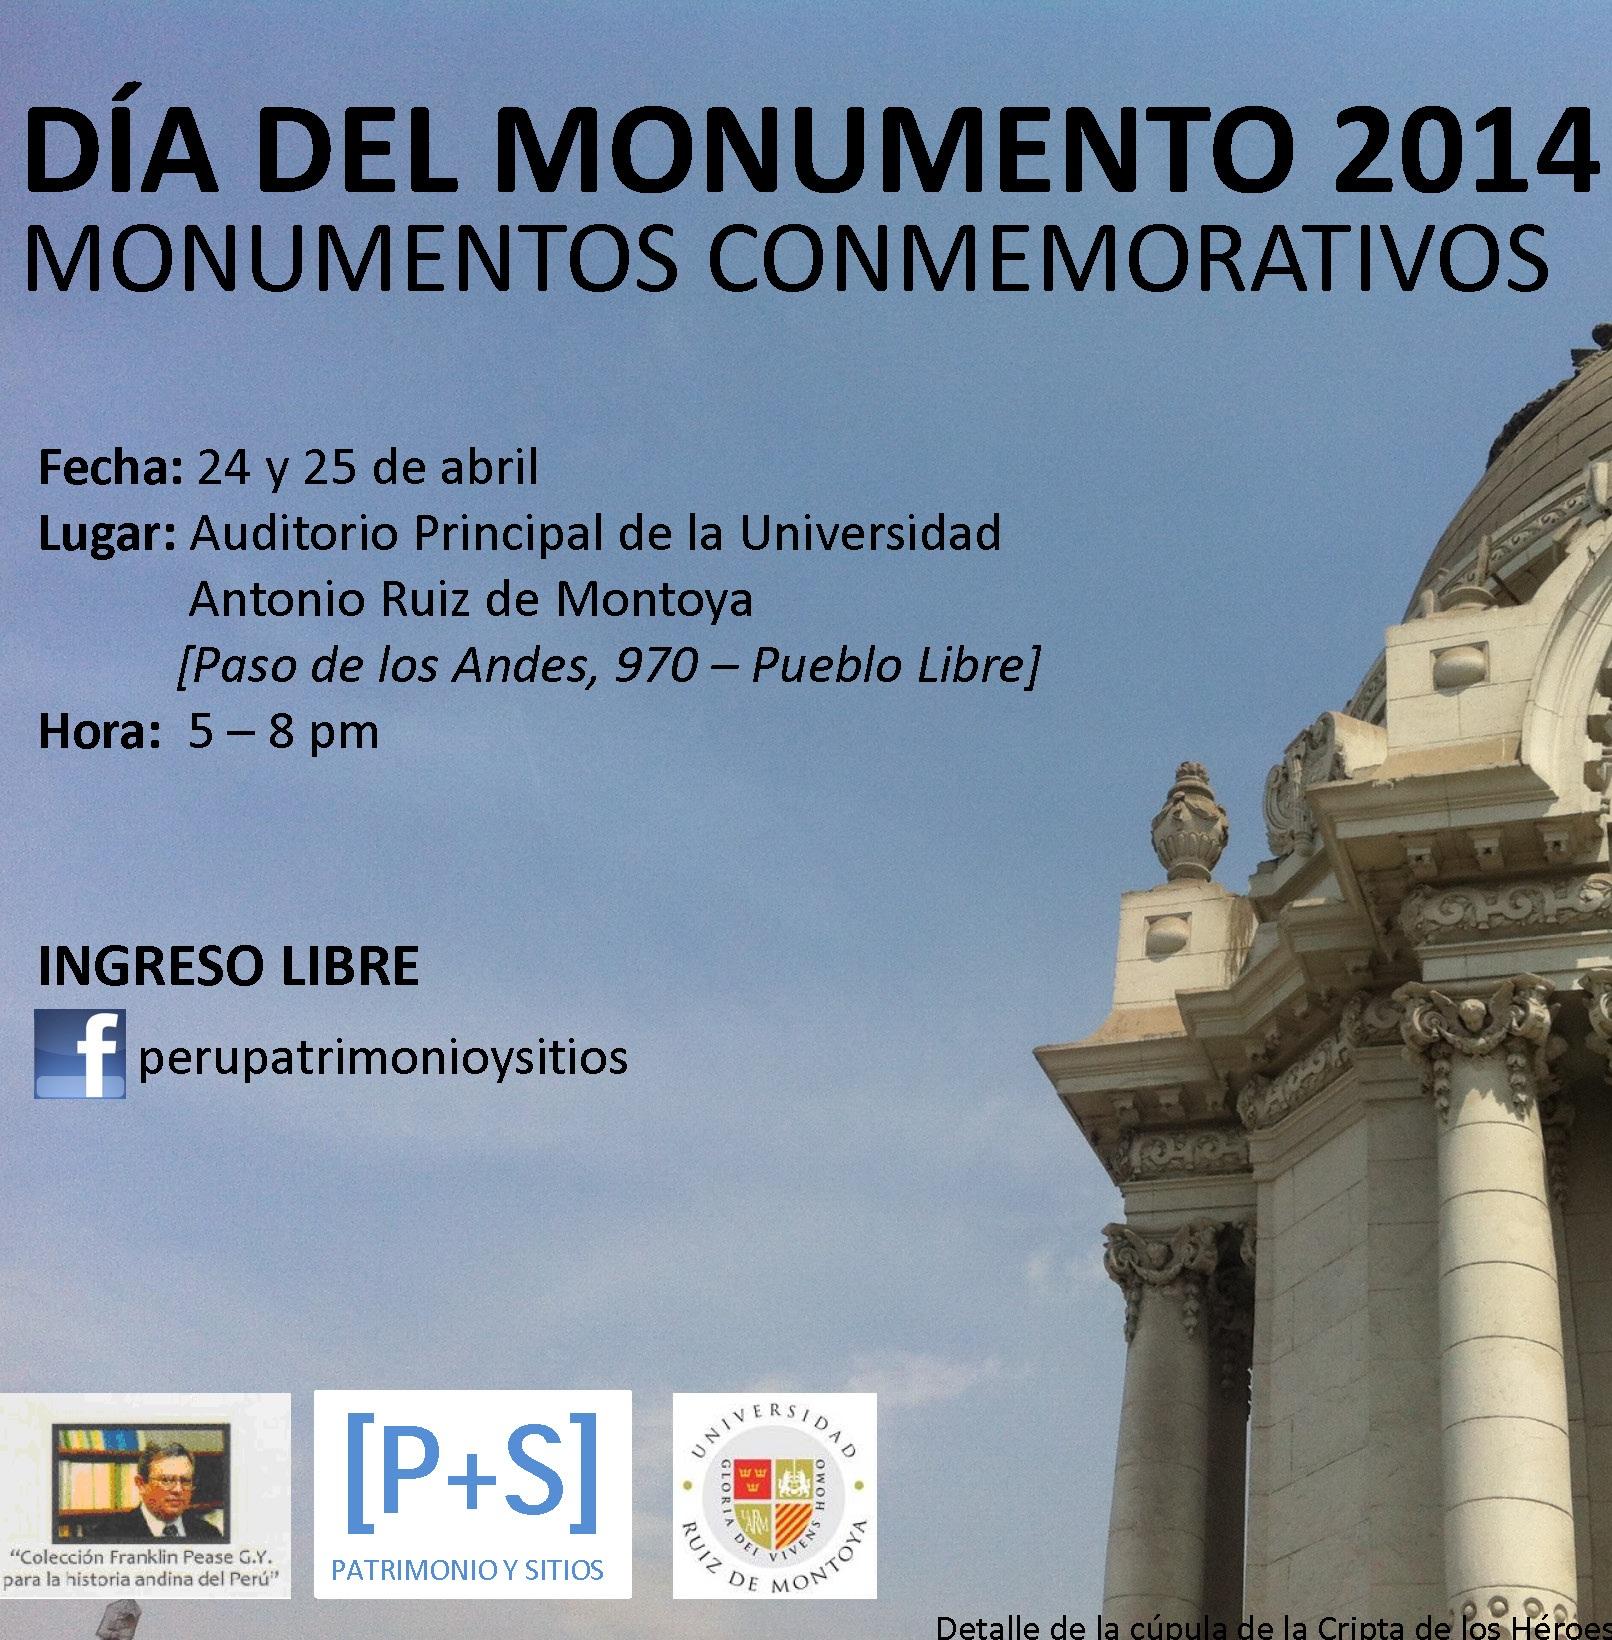 DÍA DEL MONUMENTO 2014